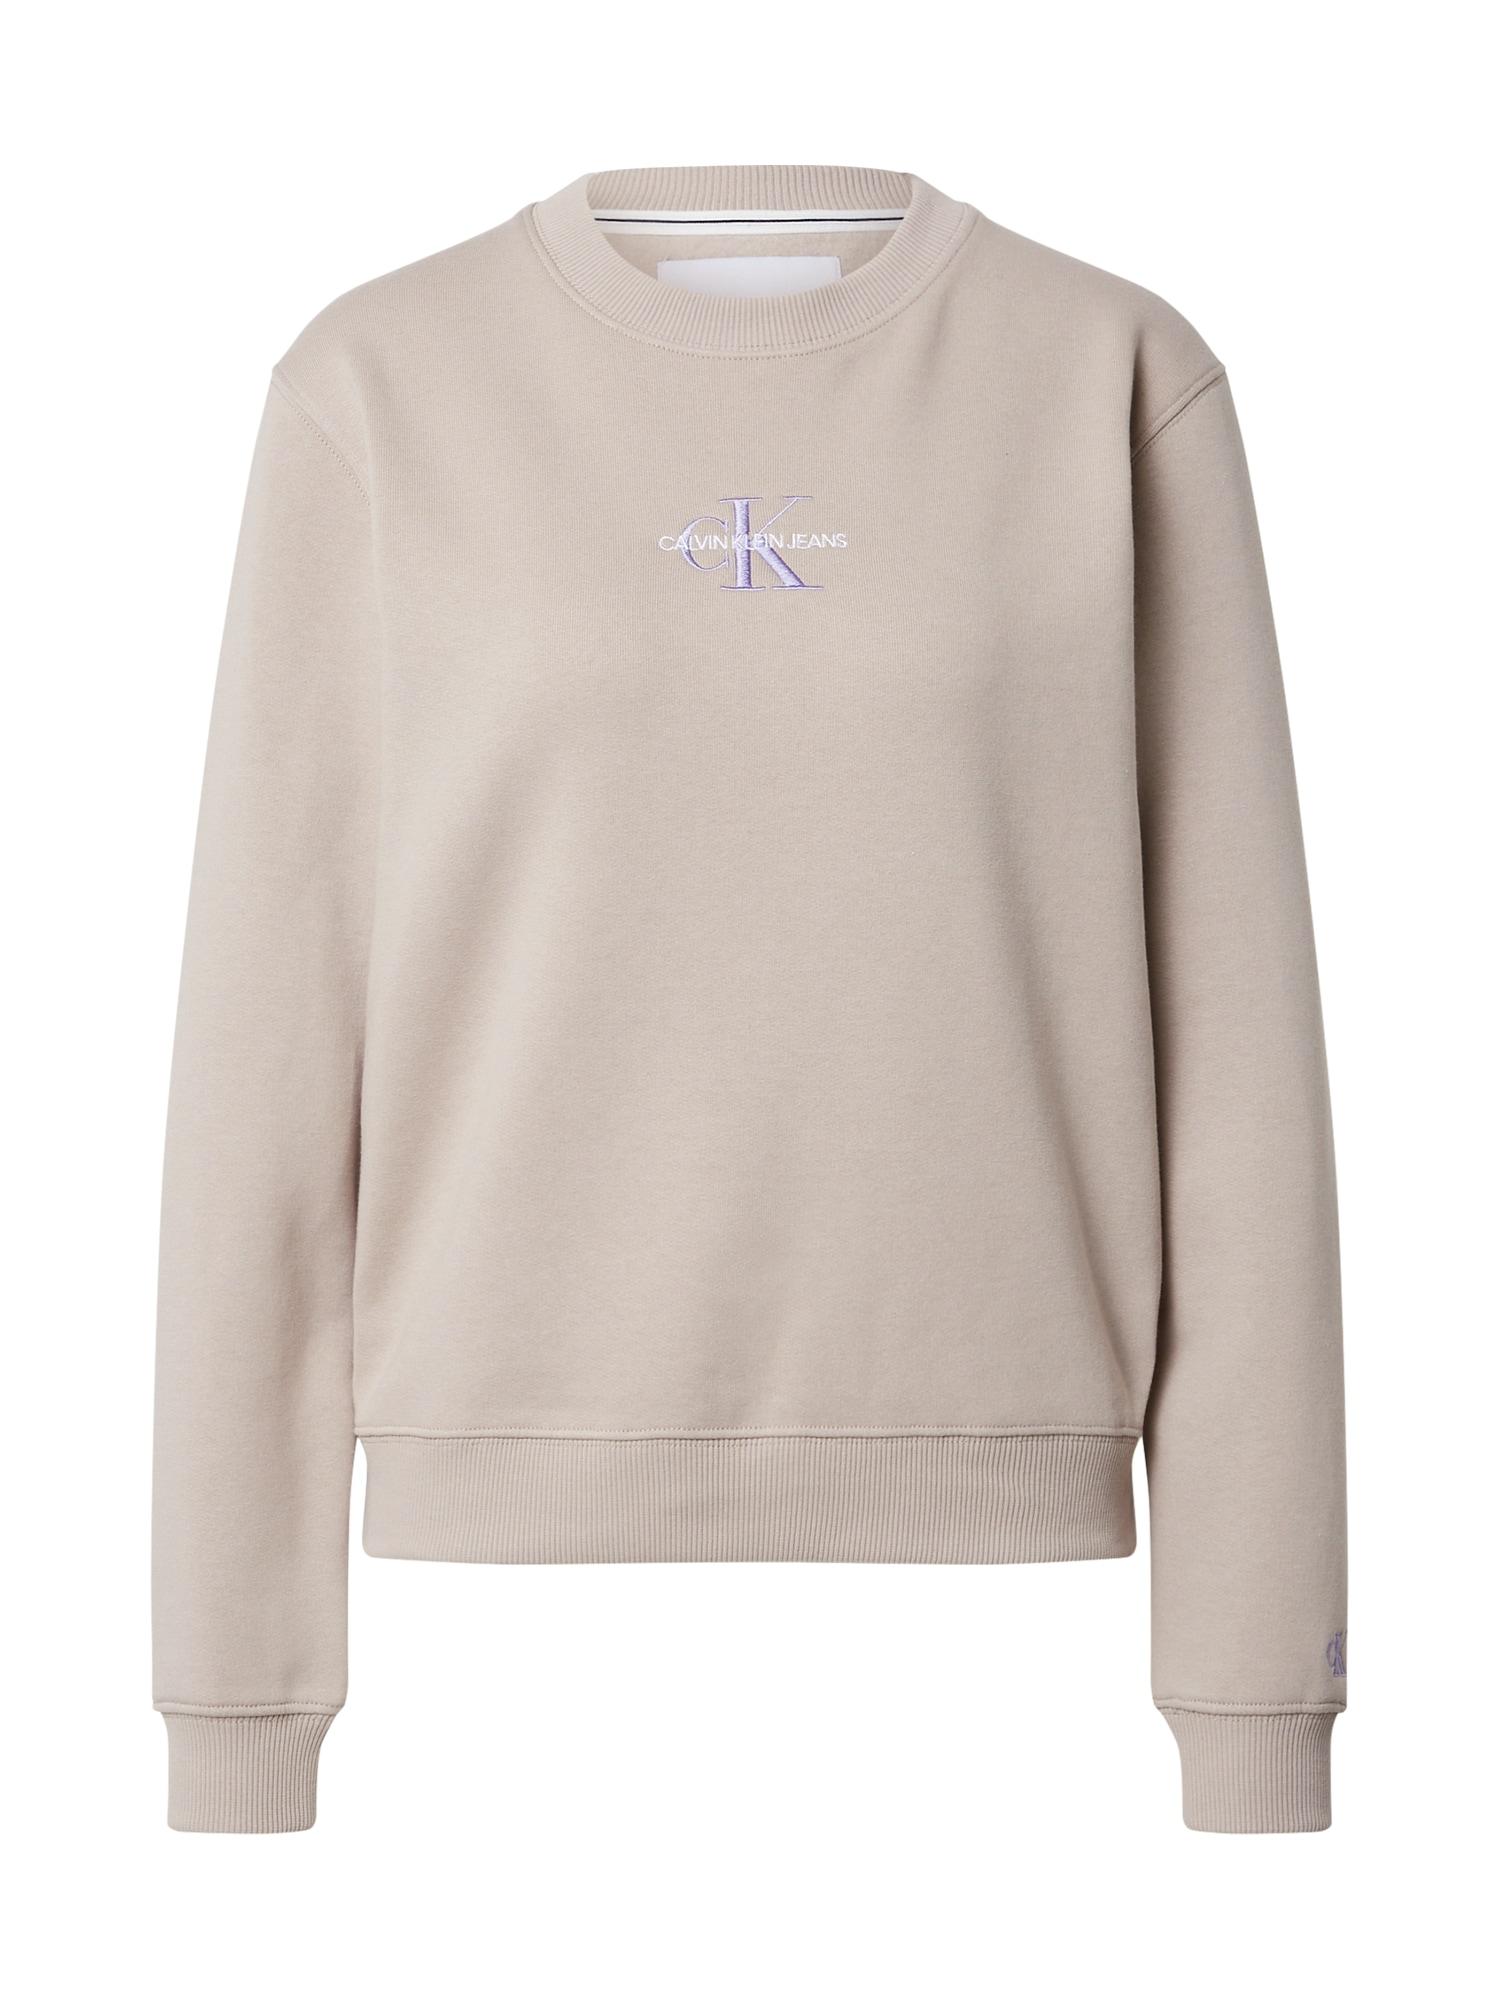 Calvin Klein Jeans Megztinis be užsegimo gelsvai pilka spalva / alyvinė spalva